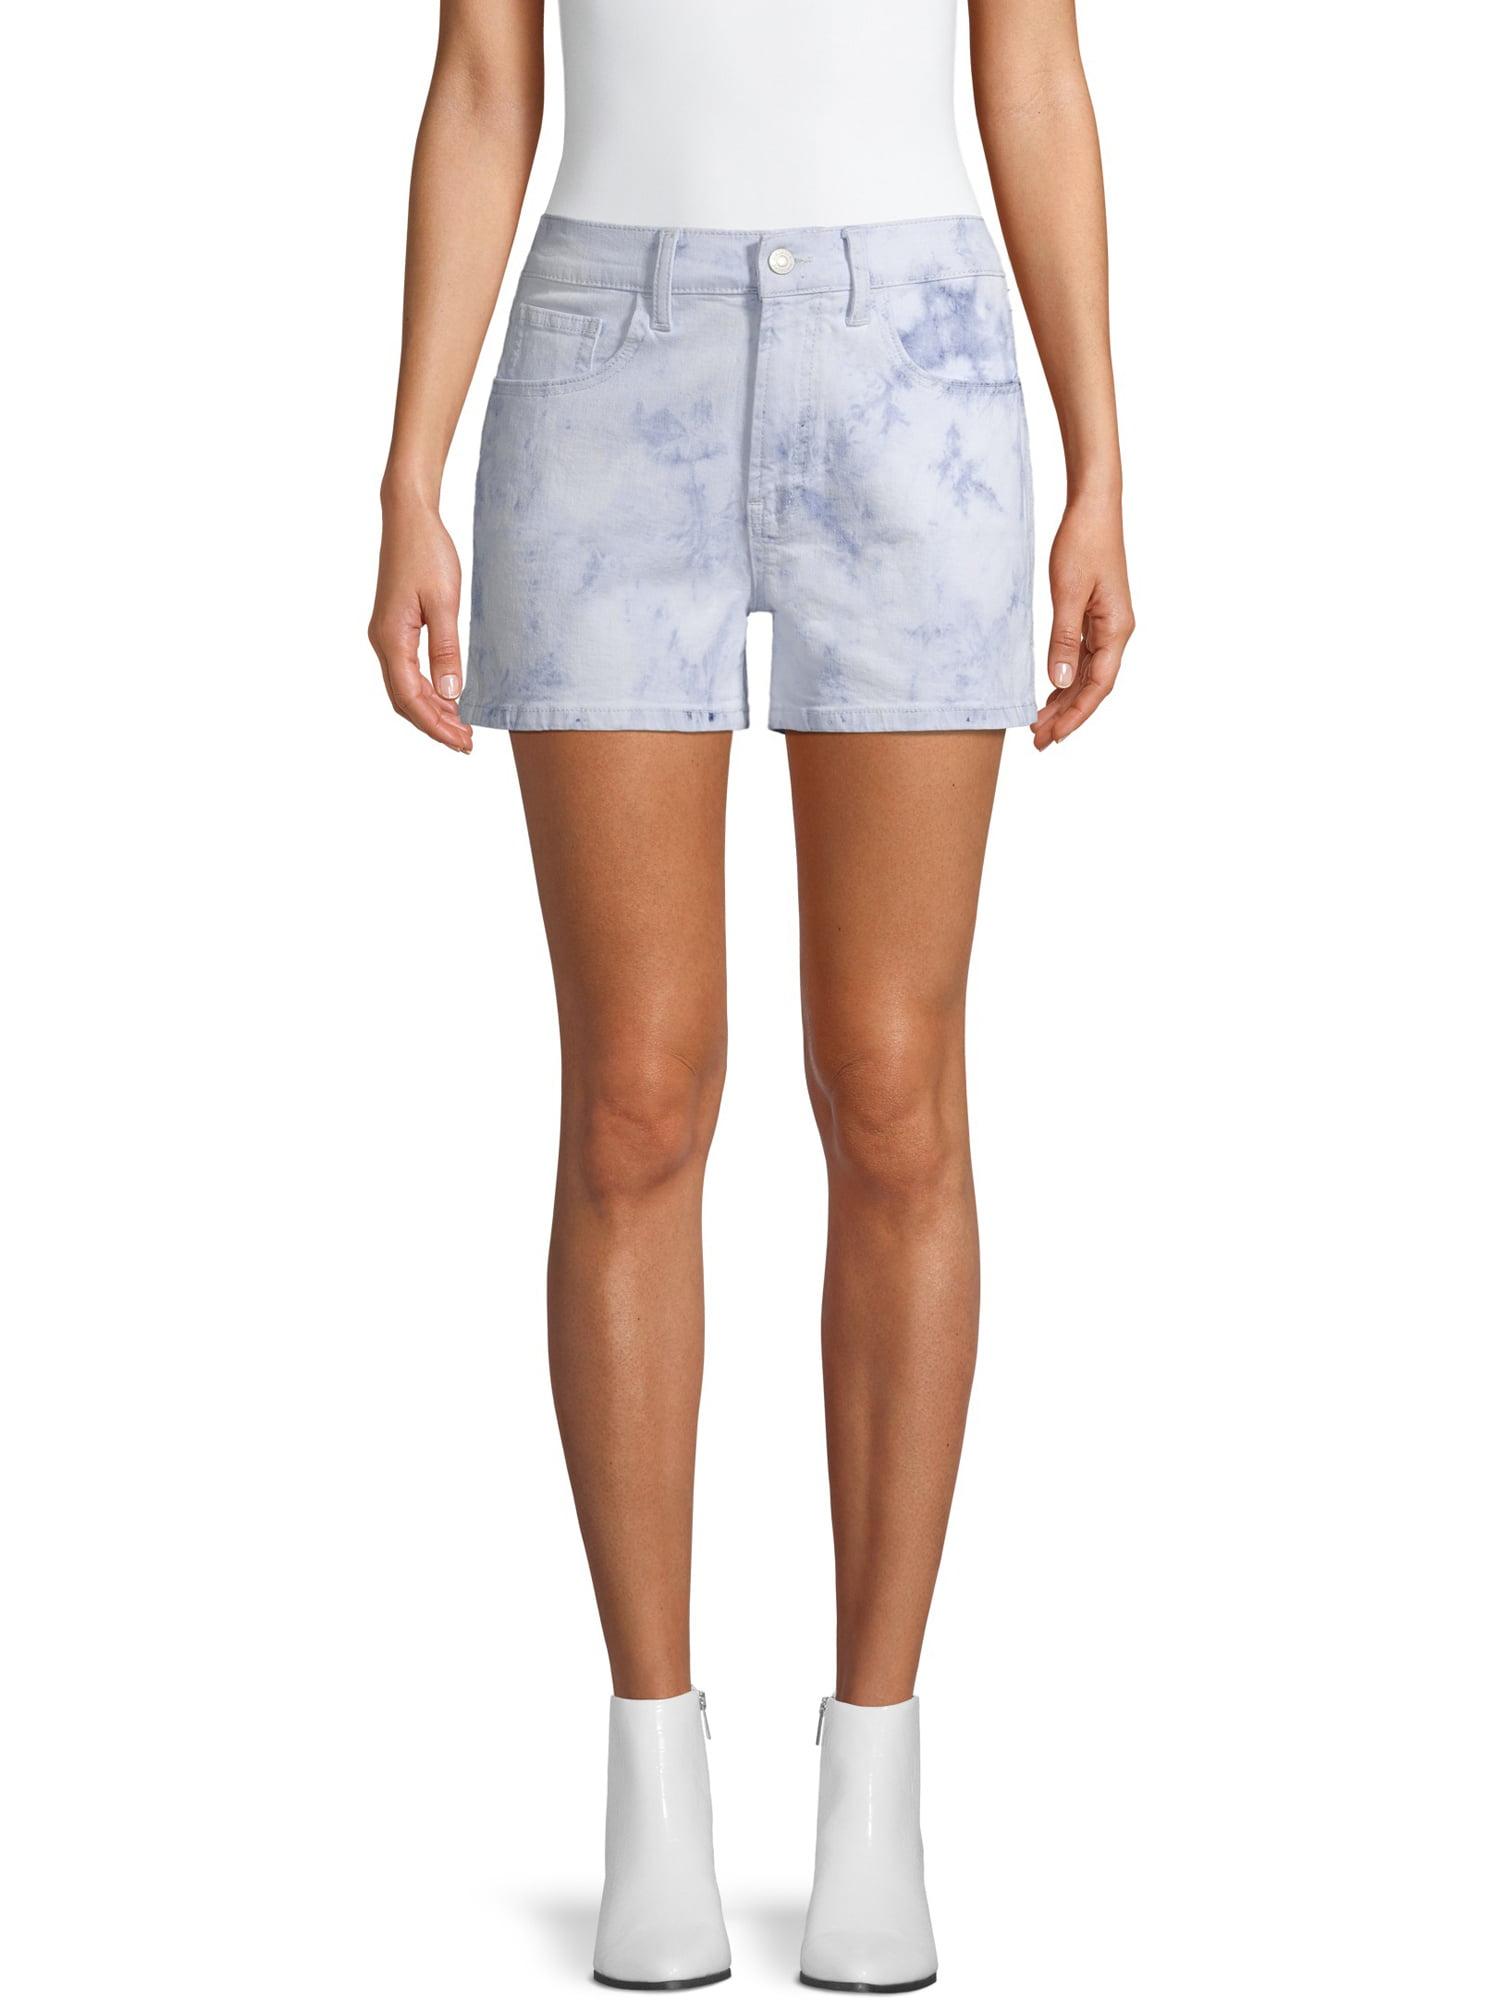 Jordache Vintage - Jordache Vintage Women's Cindy Triple Needle High Rise Shorts - Walmart.com